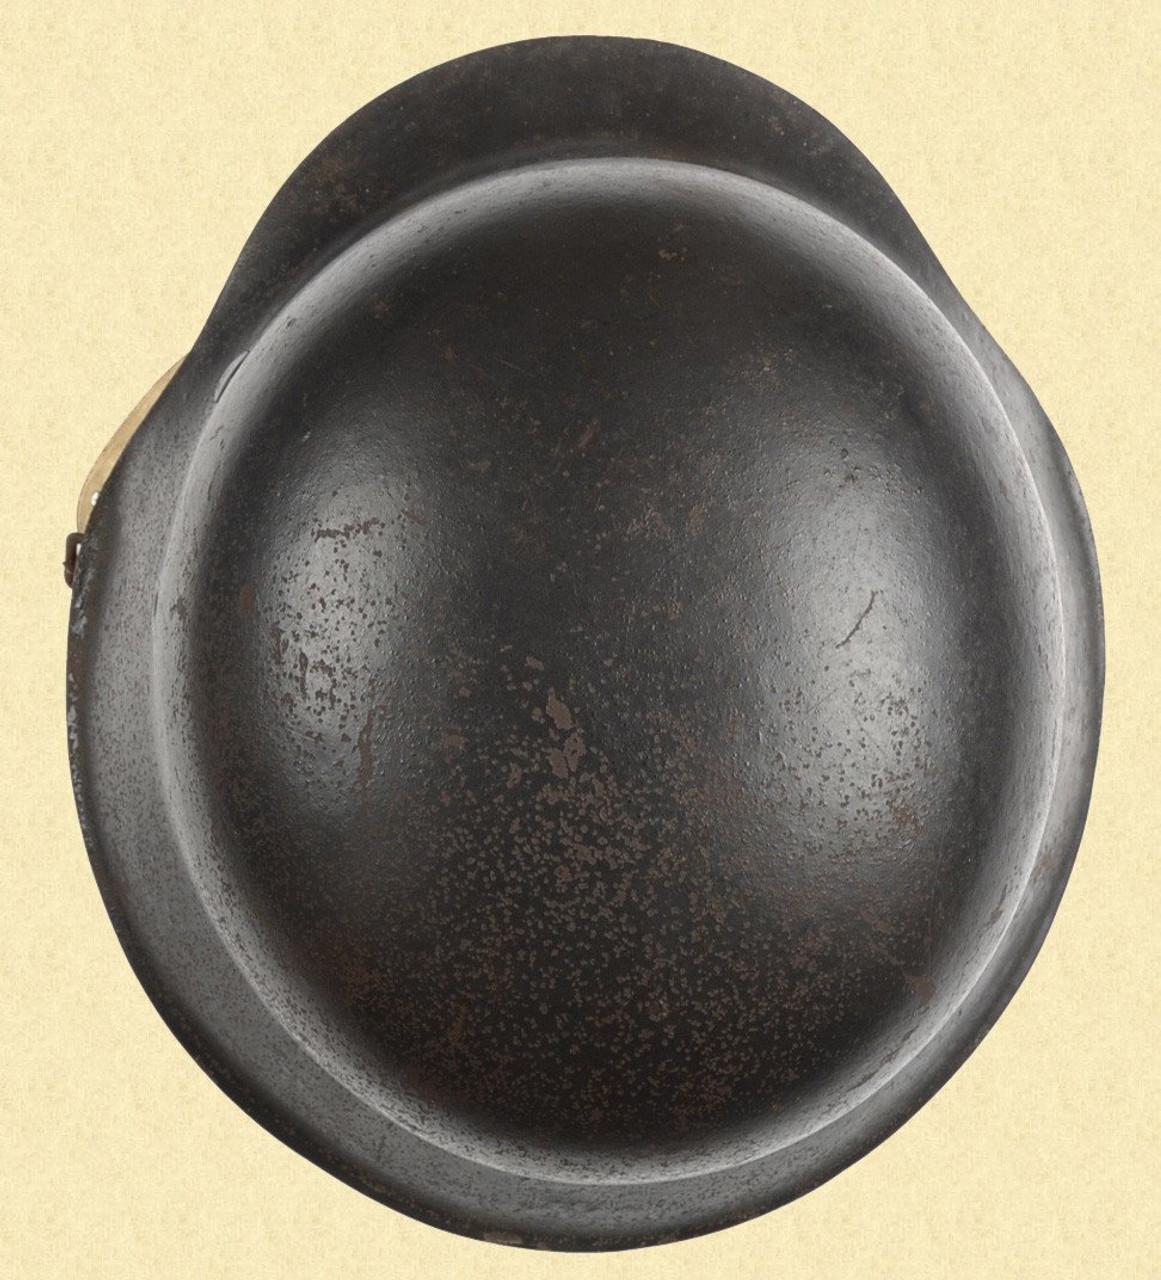 GERMAN WW2 M42 BEADED HELMET - C26167